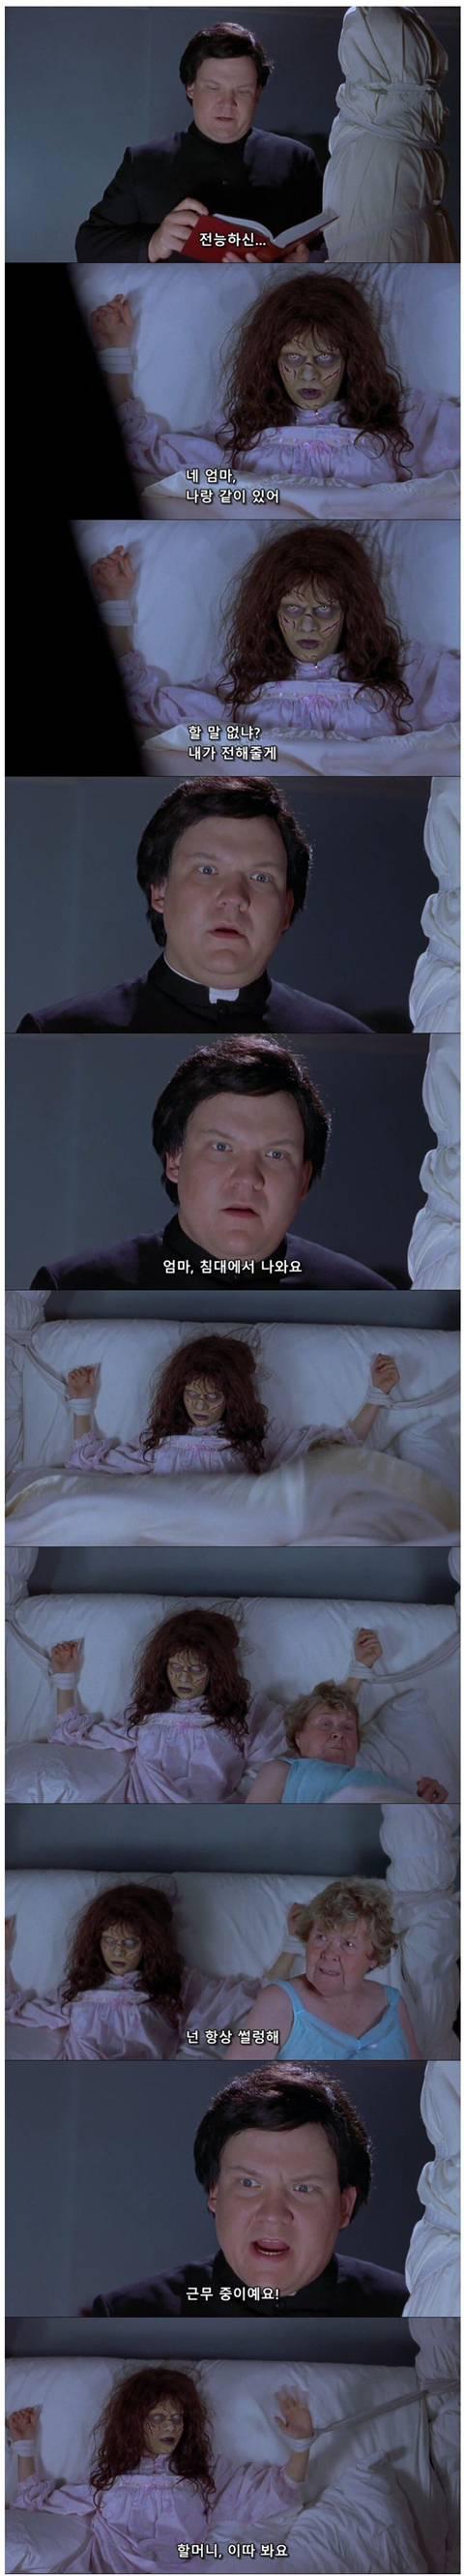 ??? 니엄마 내침대위에 있음 ㅋㅋ | 인스티즈